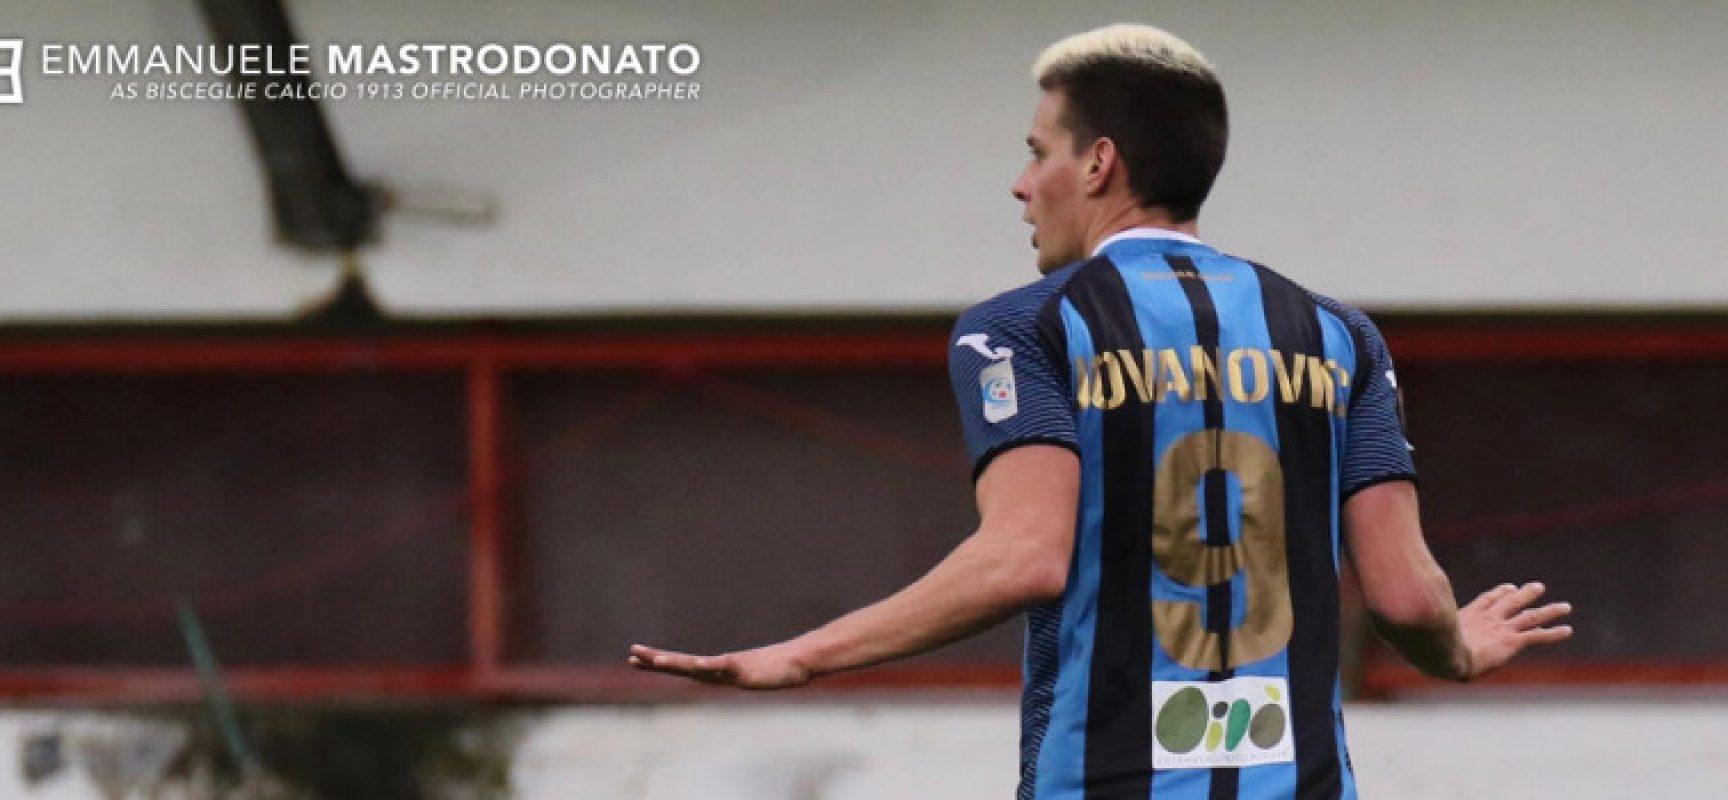 Bisceglie calcio, oggi match impegnativo contro la Casertana con un Jovanovic in più